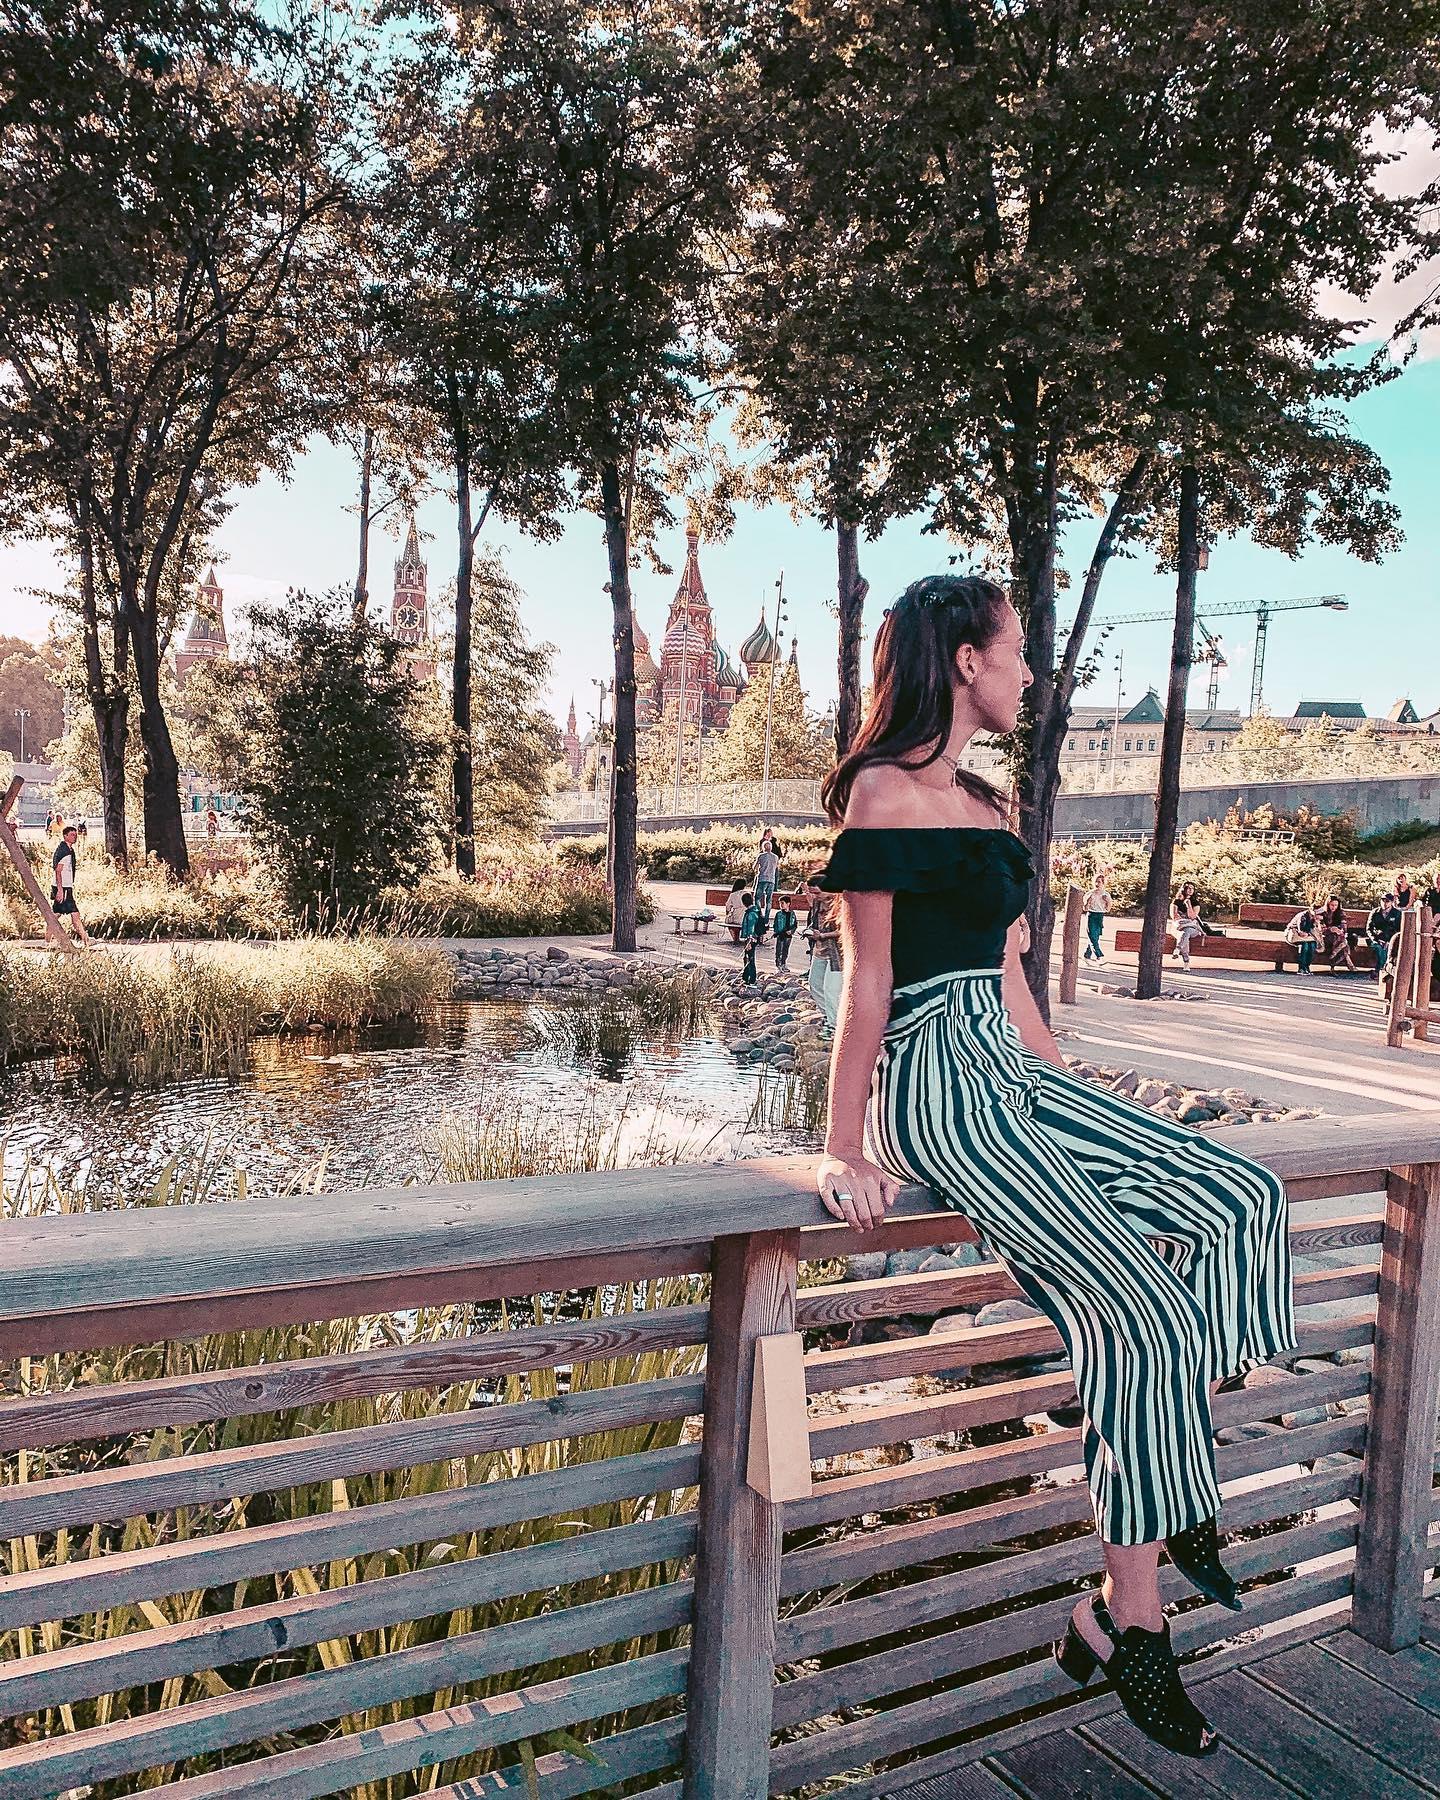 Direkt neben dem Roten Platz, ein Platz der Ruhe. Grün, Natur, ungestört.…